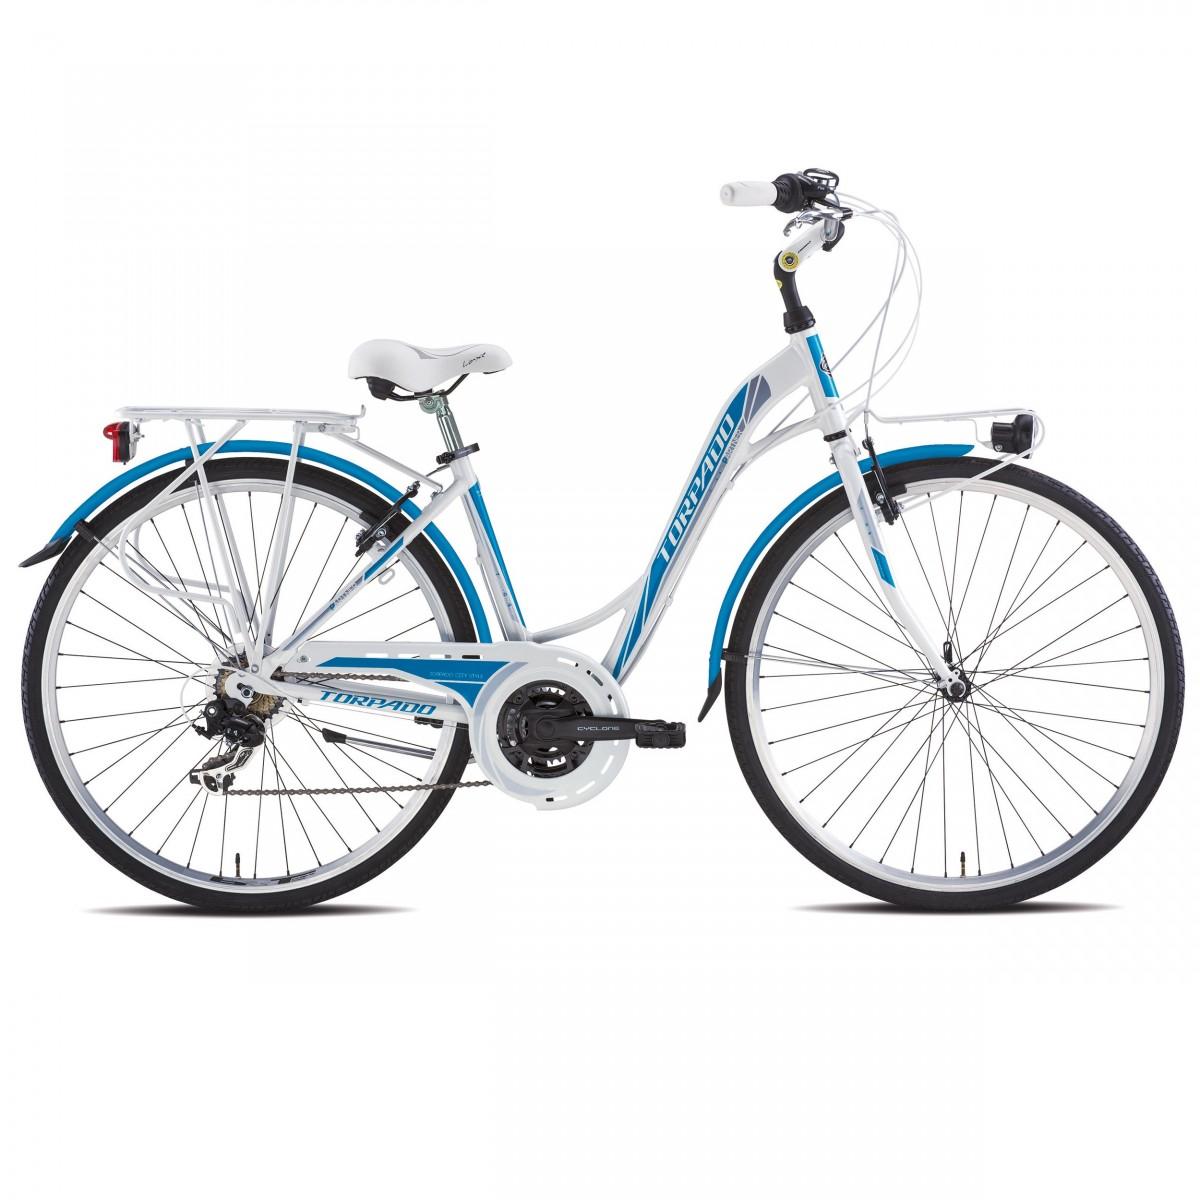 T441 Partner Nera City Bike Donna 2019